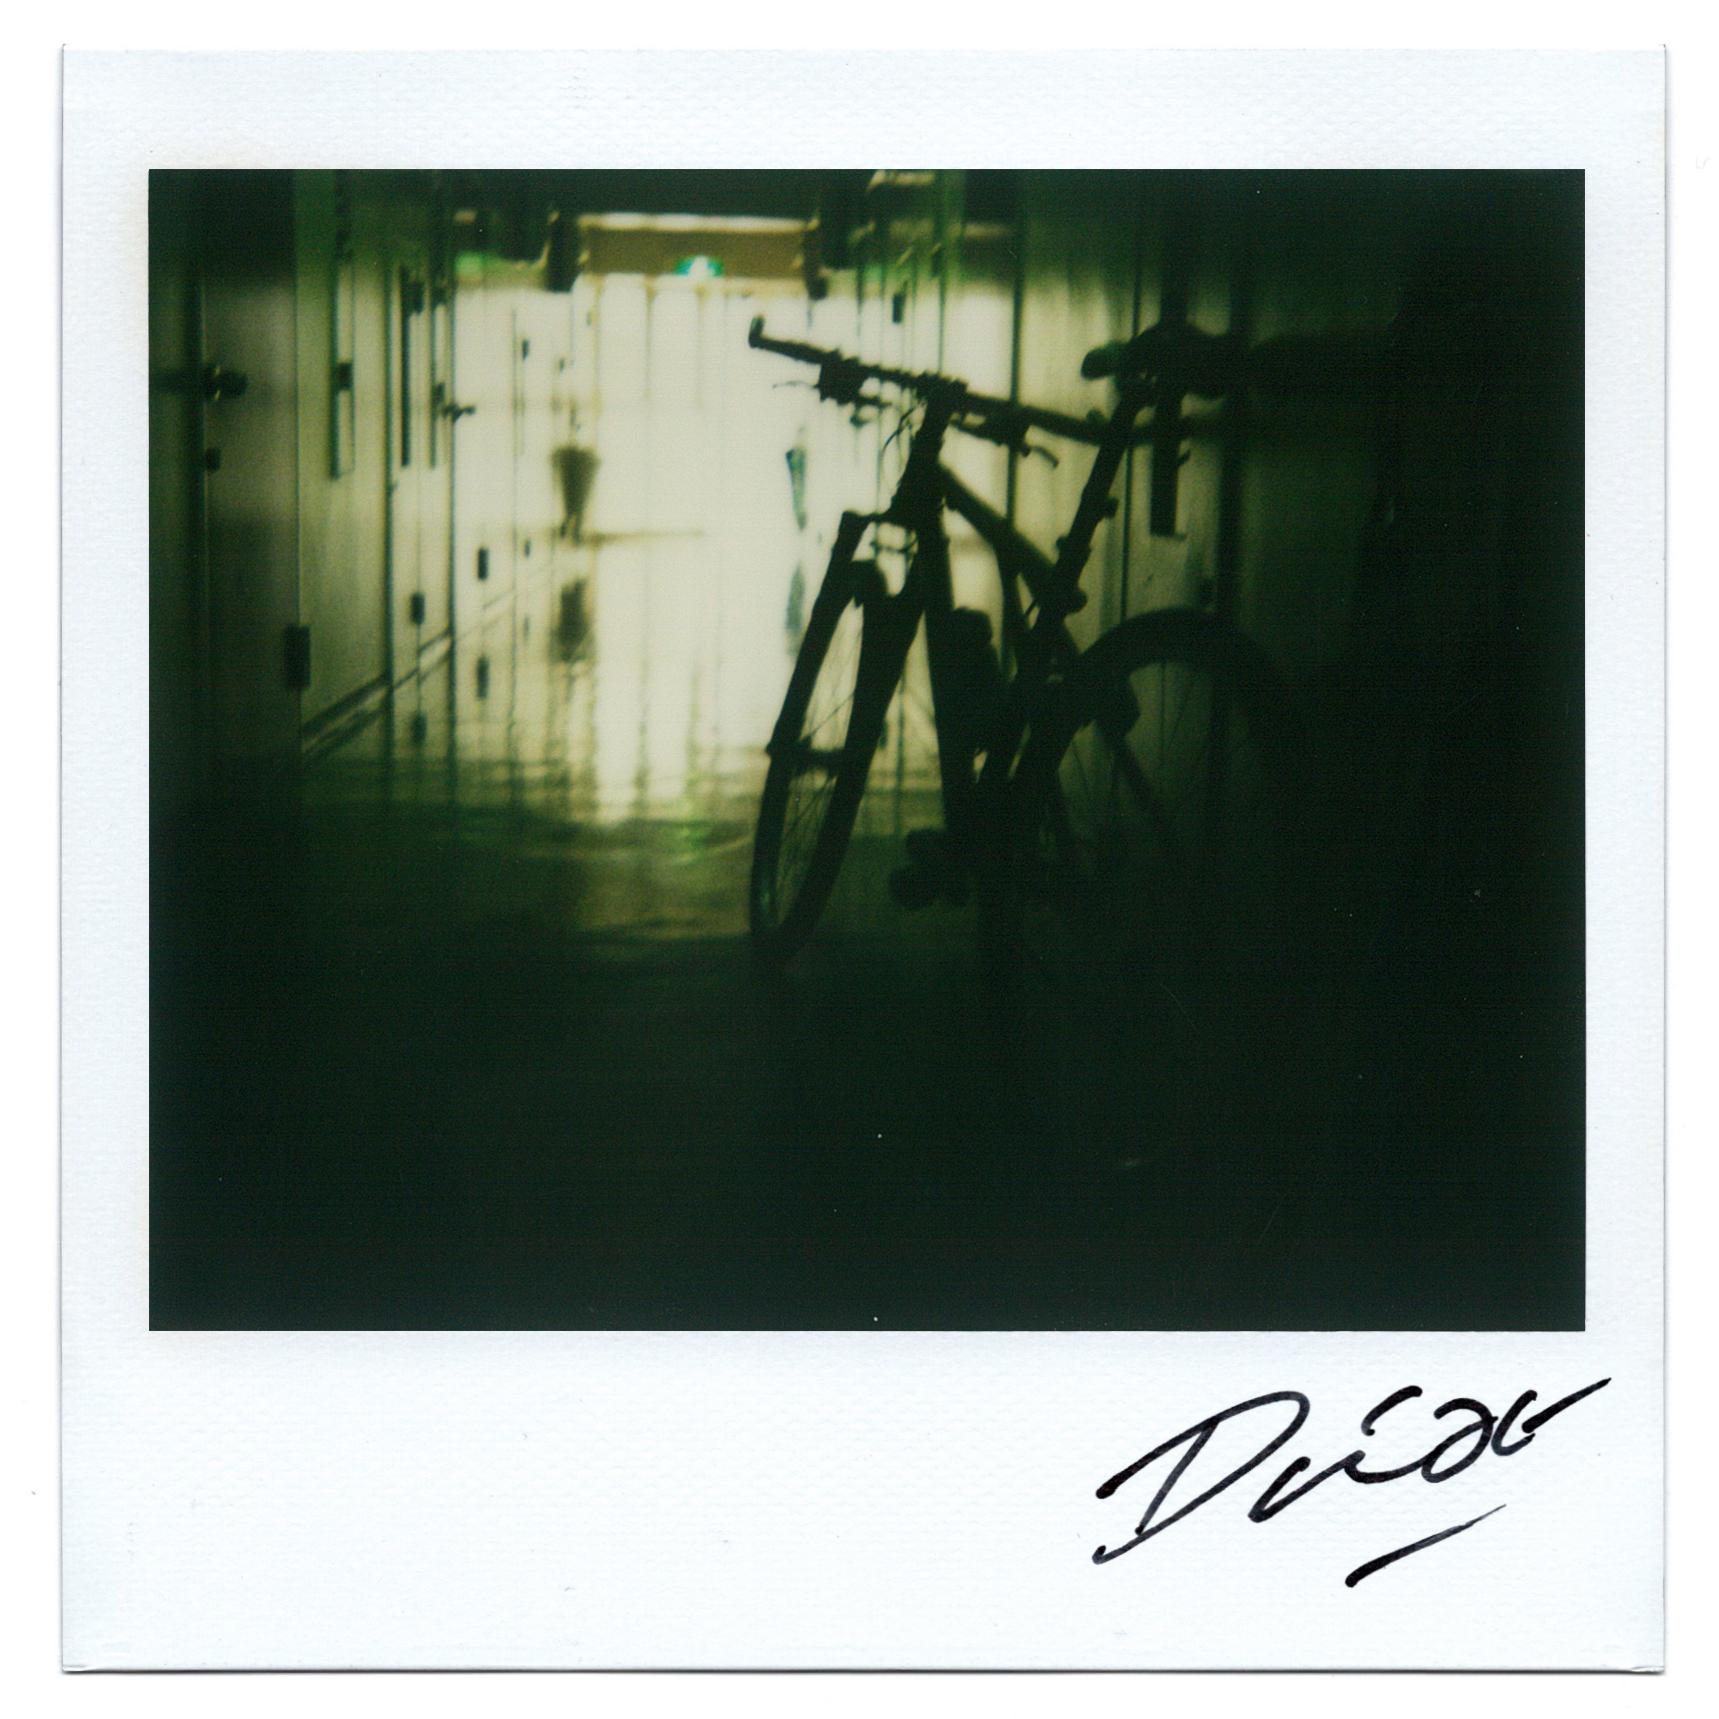 Moriyama Daido, bye-bye polaroid, 2008, Polaroid, 10 x 10 cm13